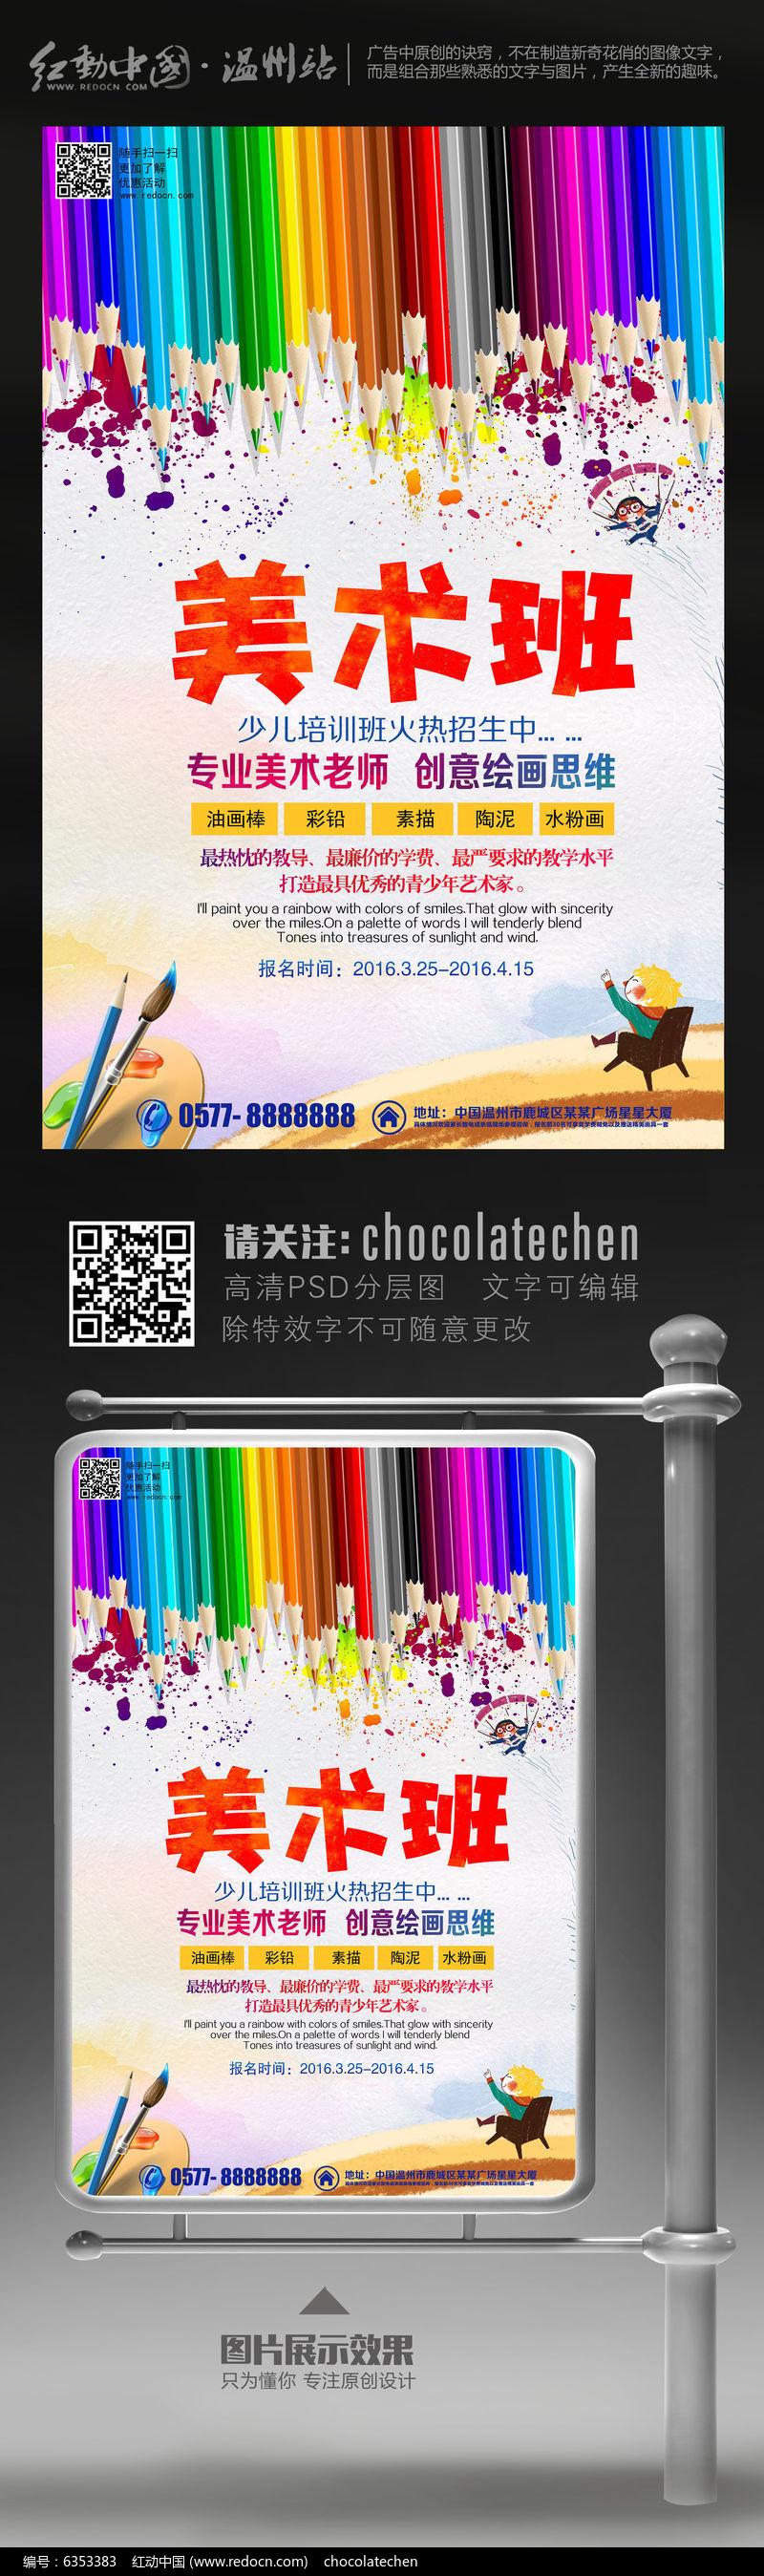 青少年宫寒暑假美术招生海报图片